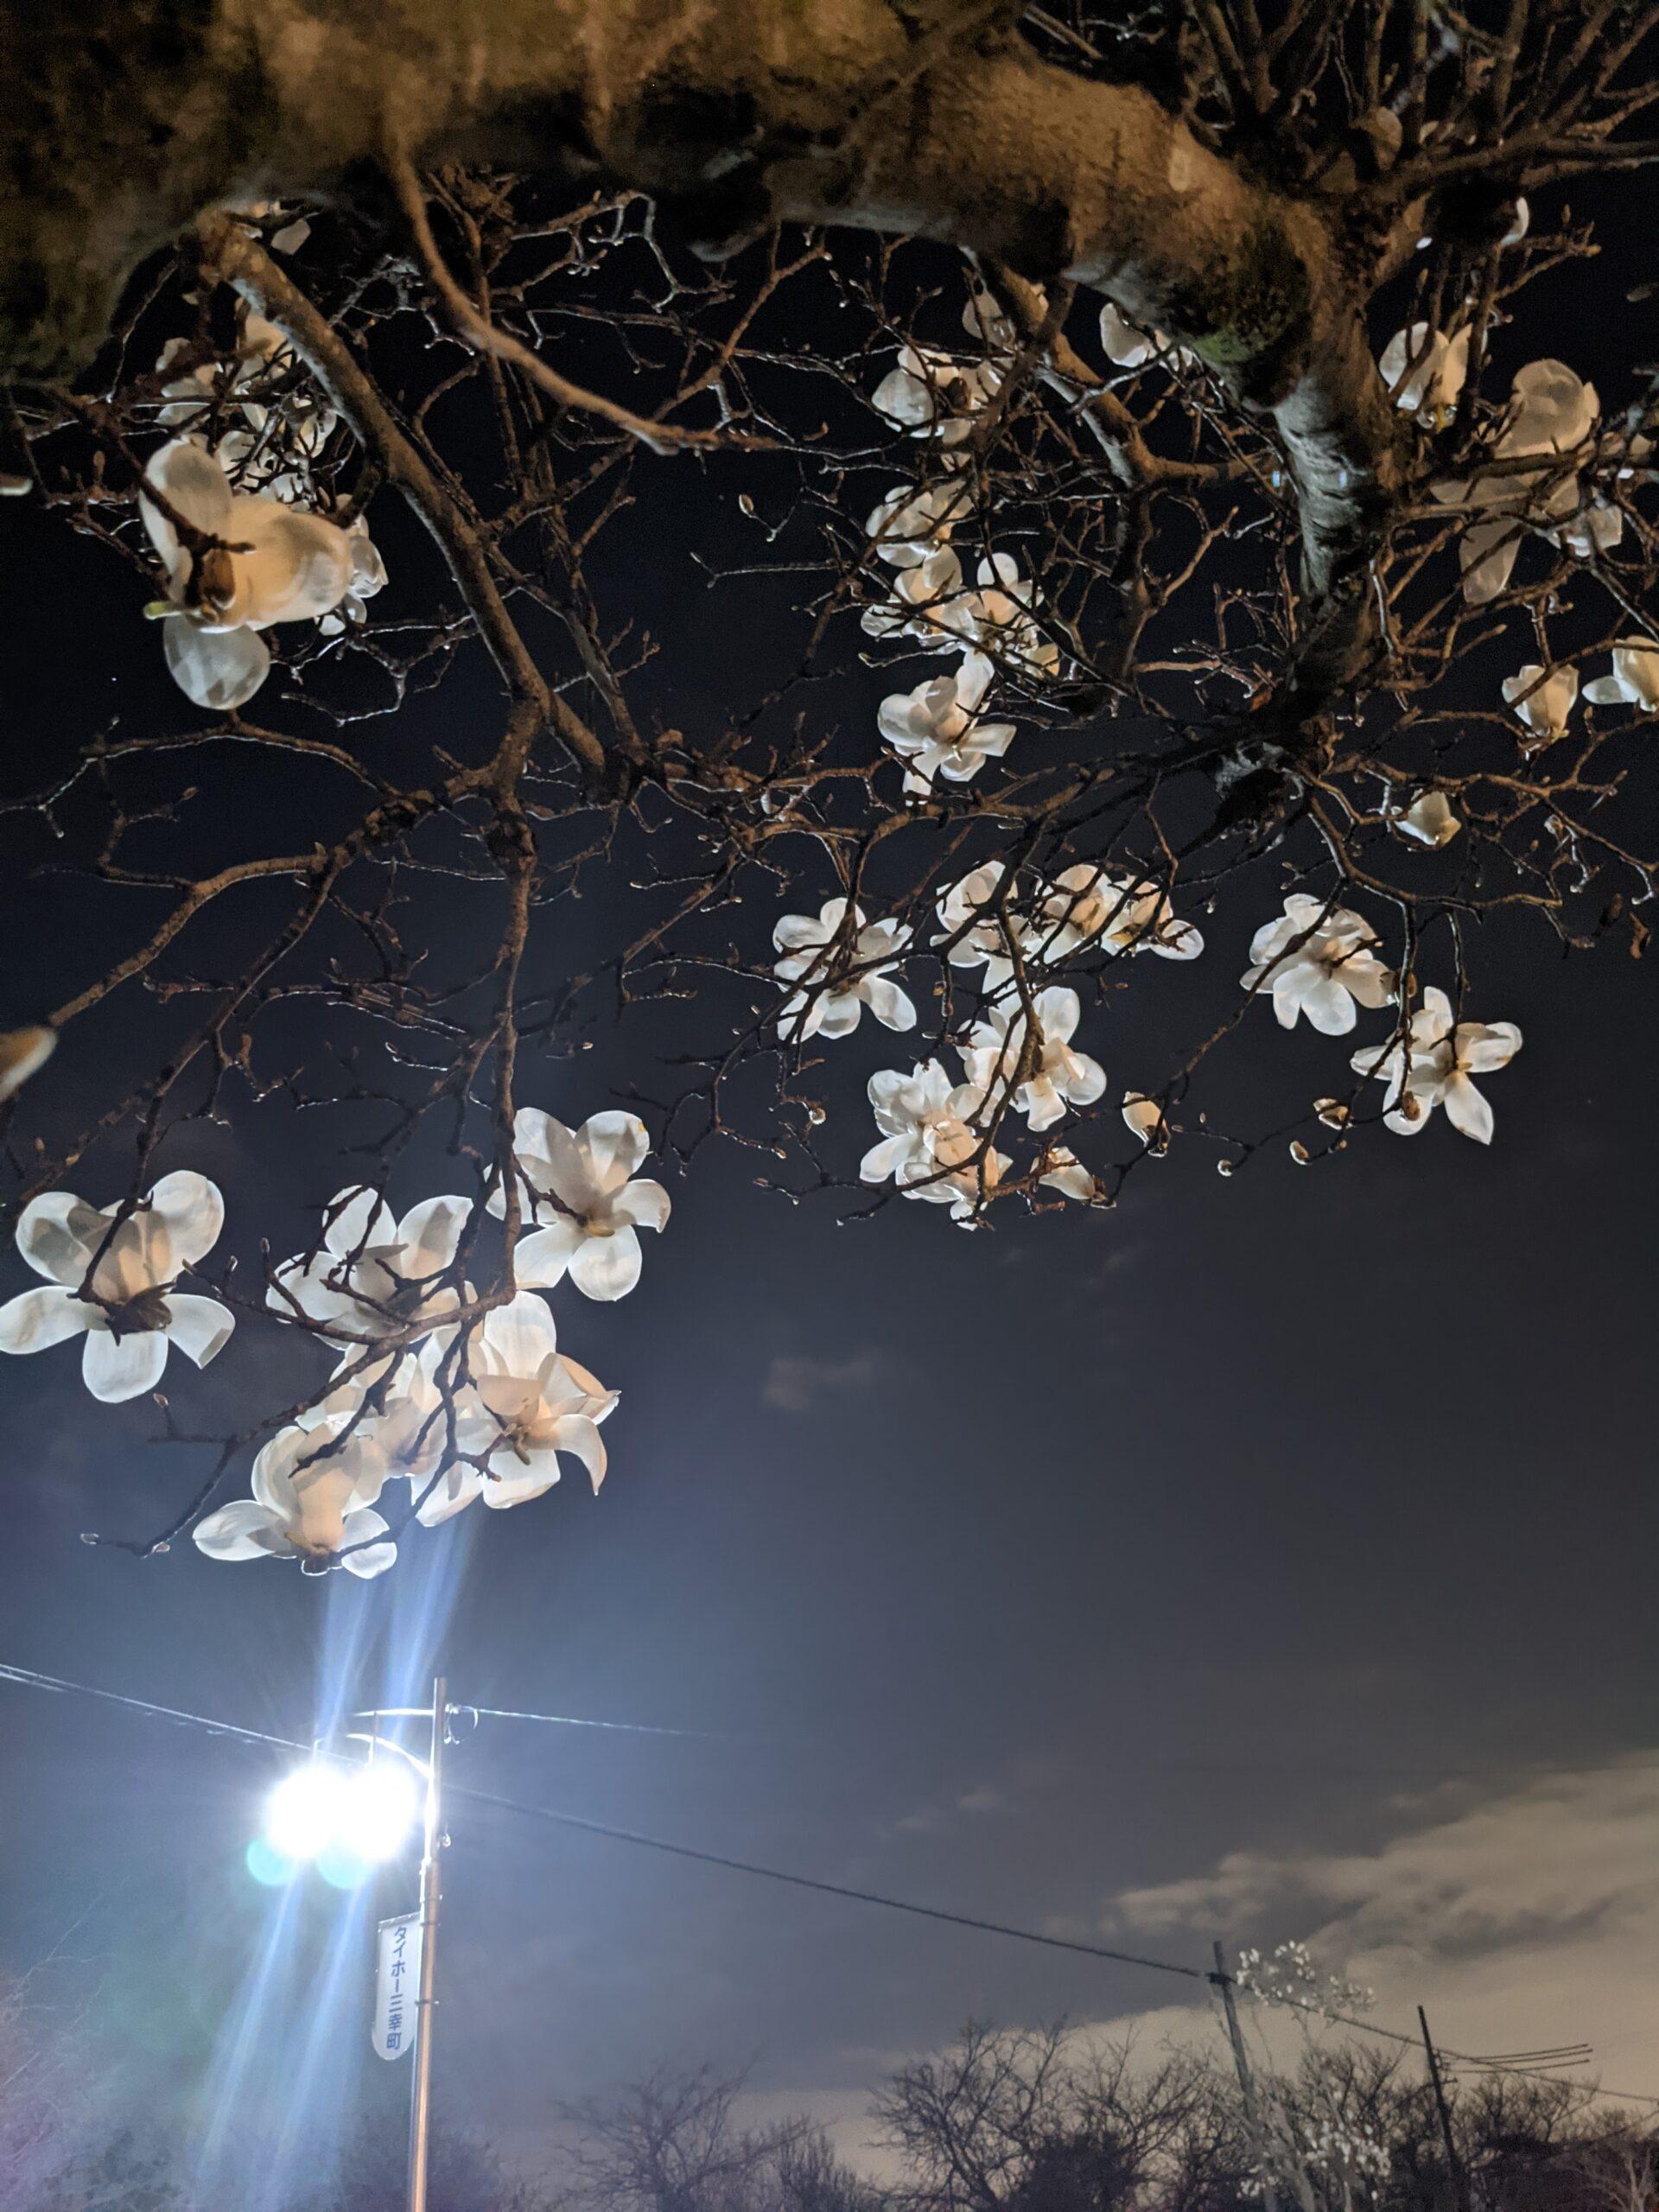 木蓮(モクレン)が咲きました。